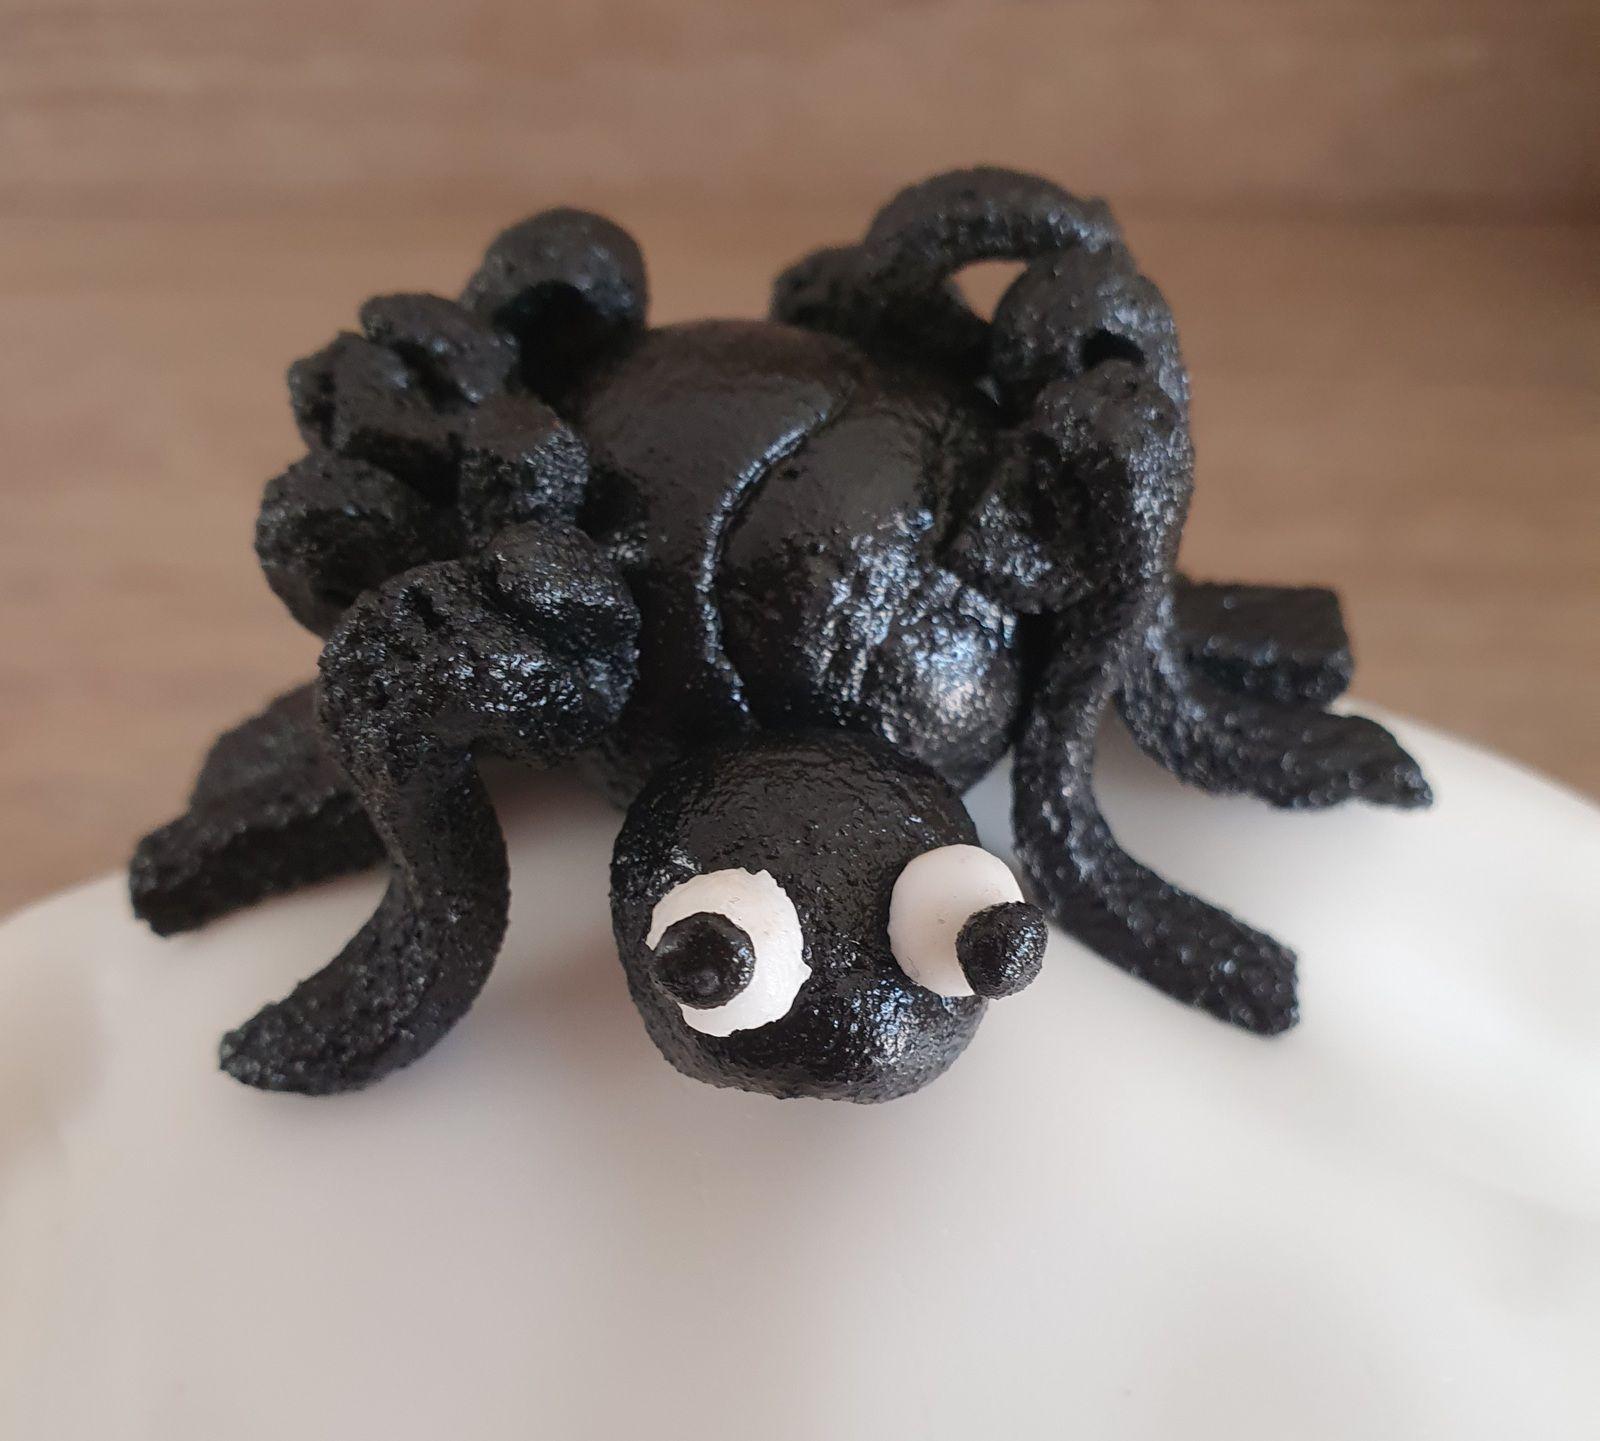 Araignée en pâte d'amande noire